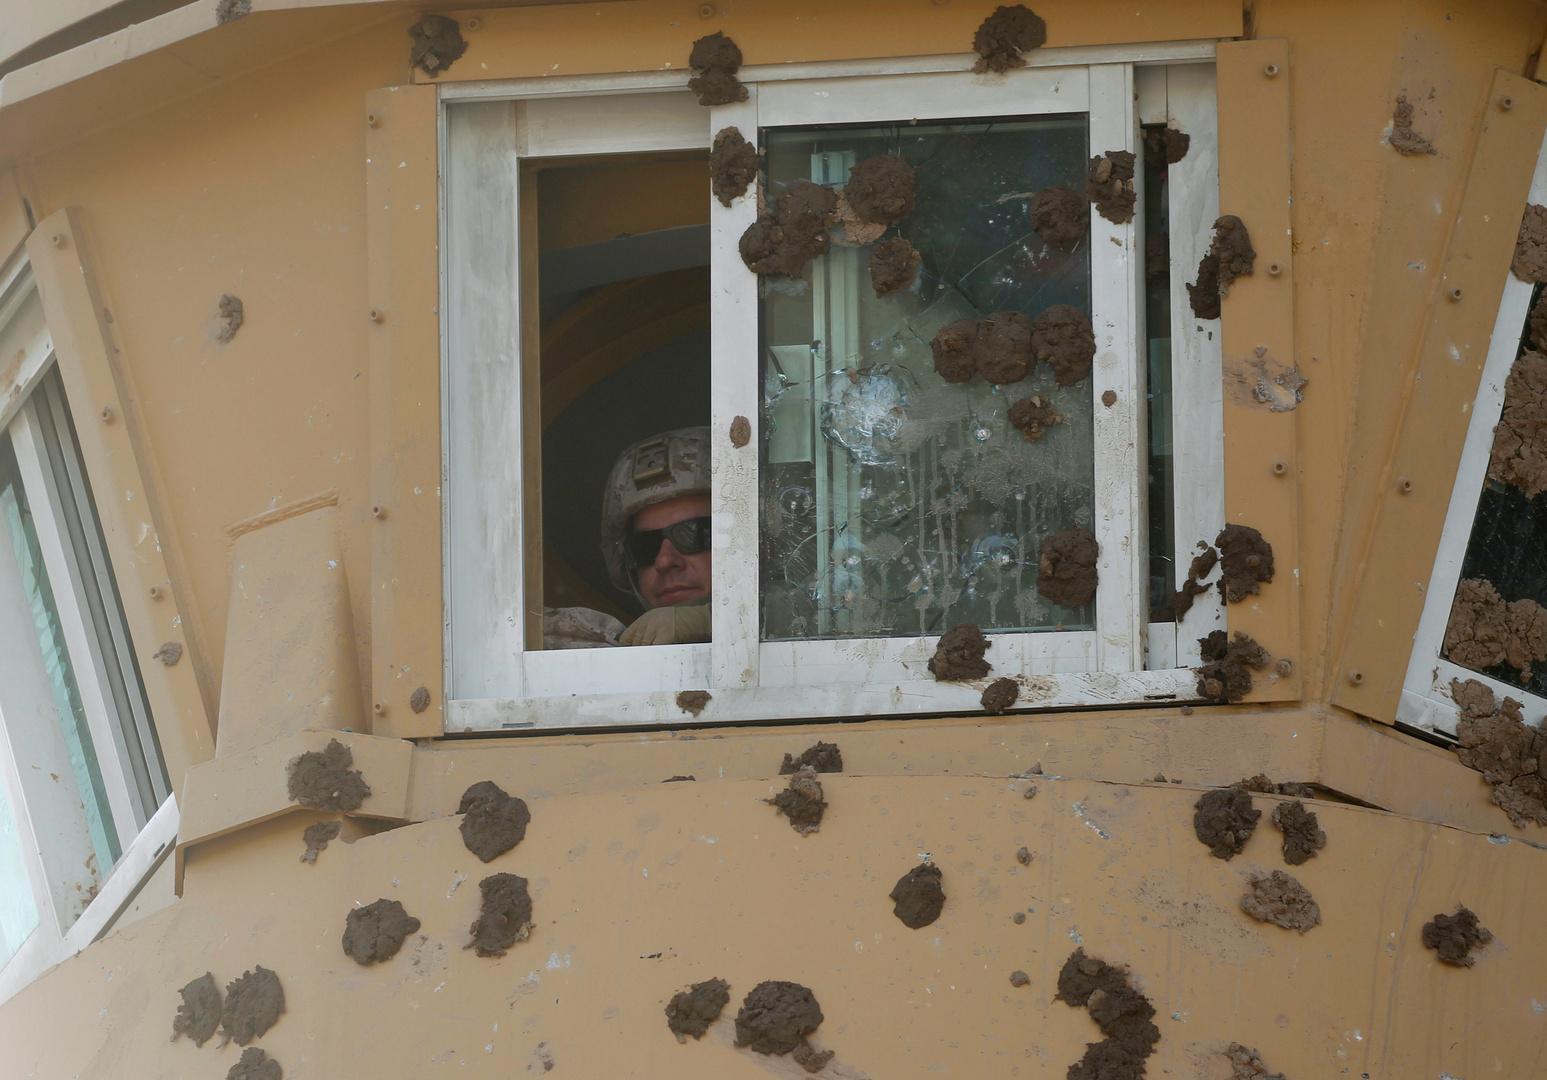 السفارة الأمريكية في بغداد تعلق جميع عملياتها القنصلية